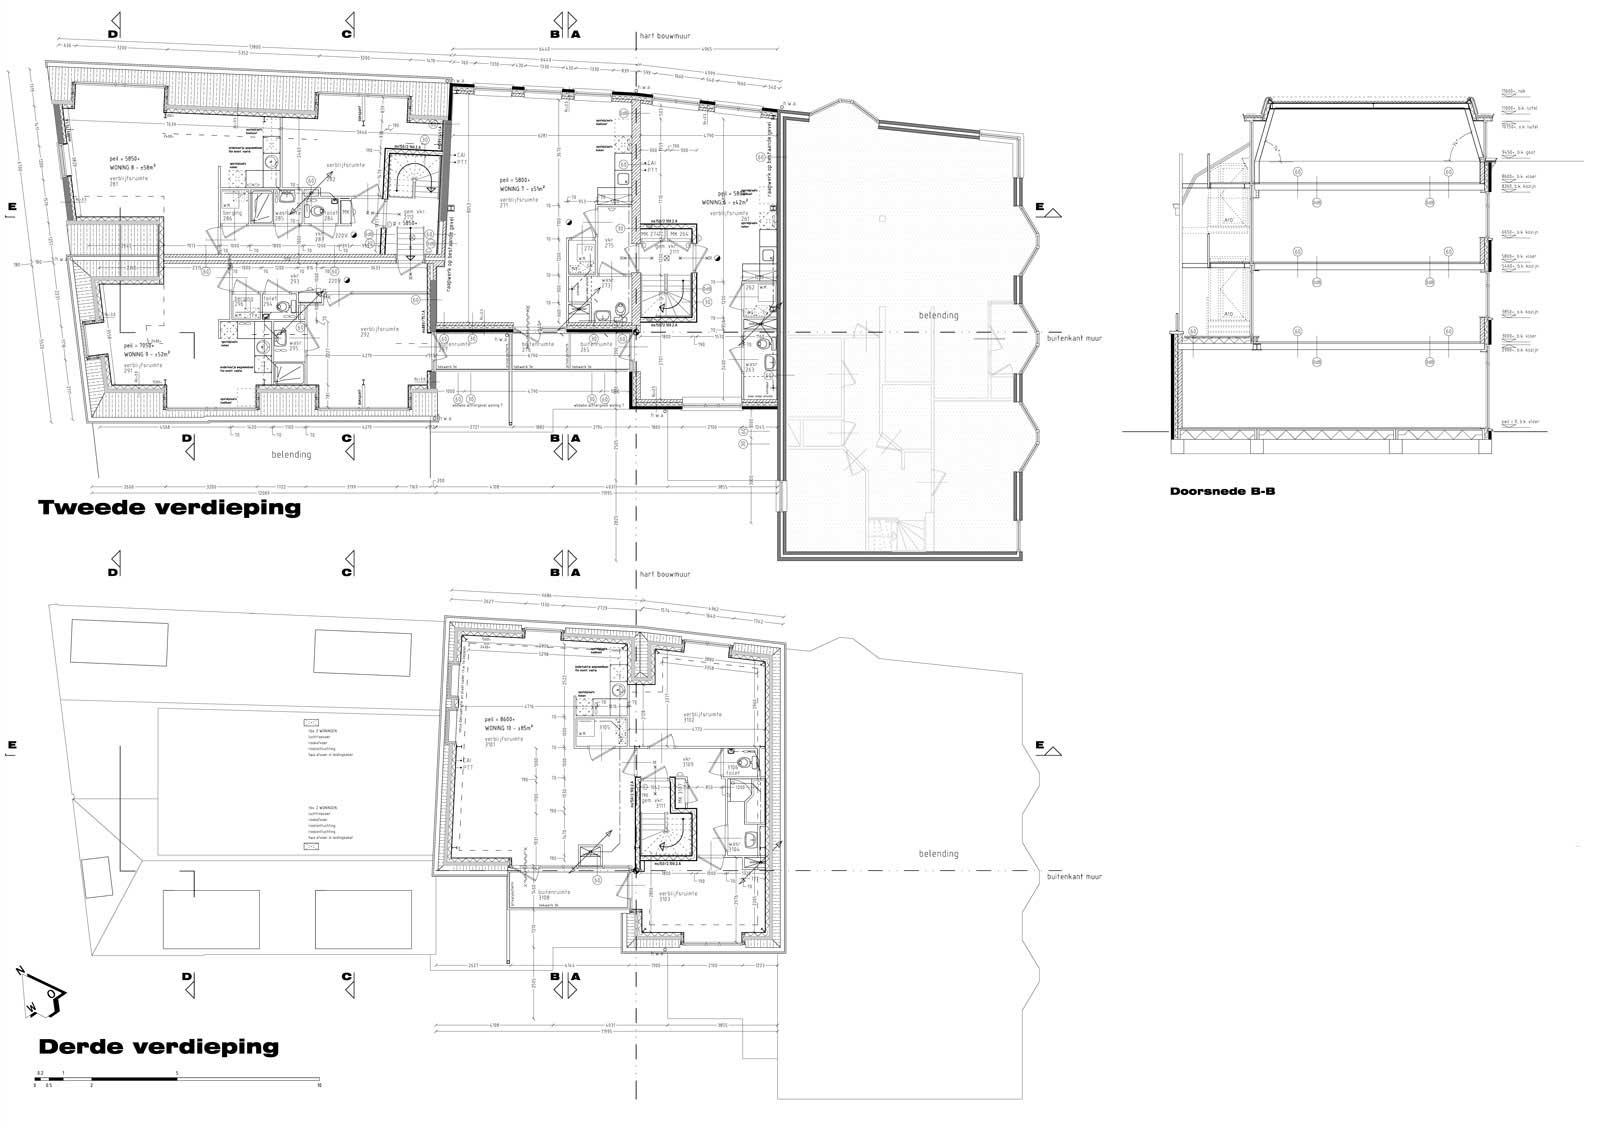 bouwtekening tweede en derde verdieping - wonen boven winkels Peperstraat Purmerend